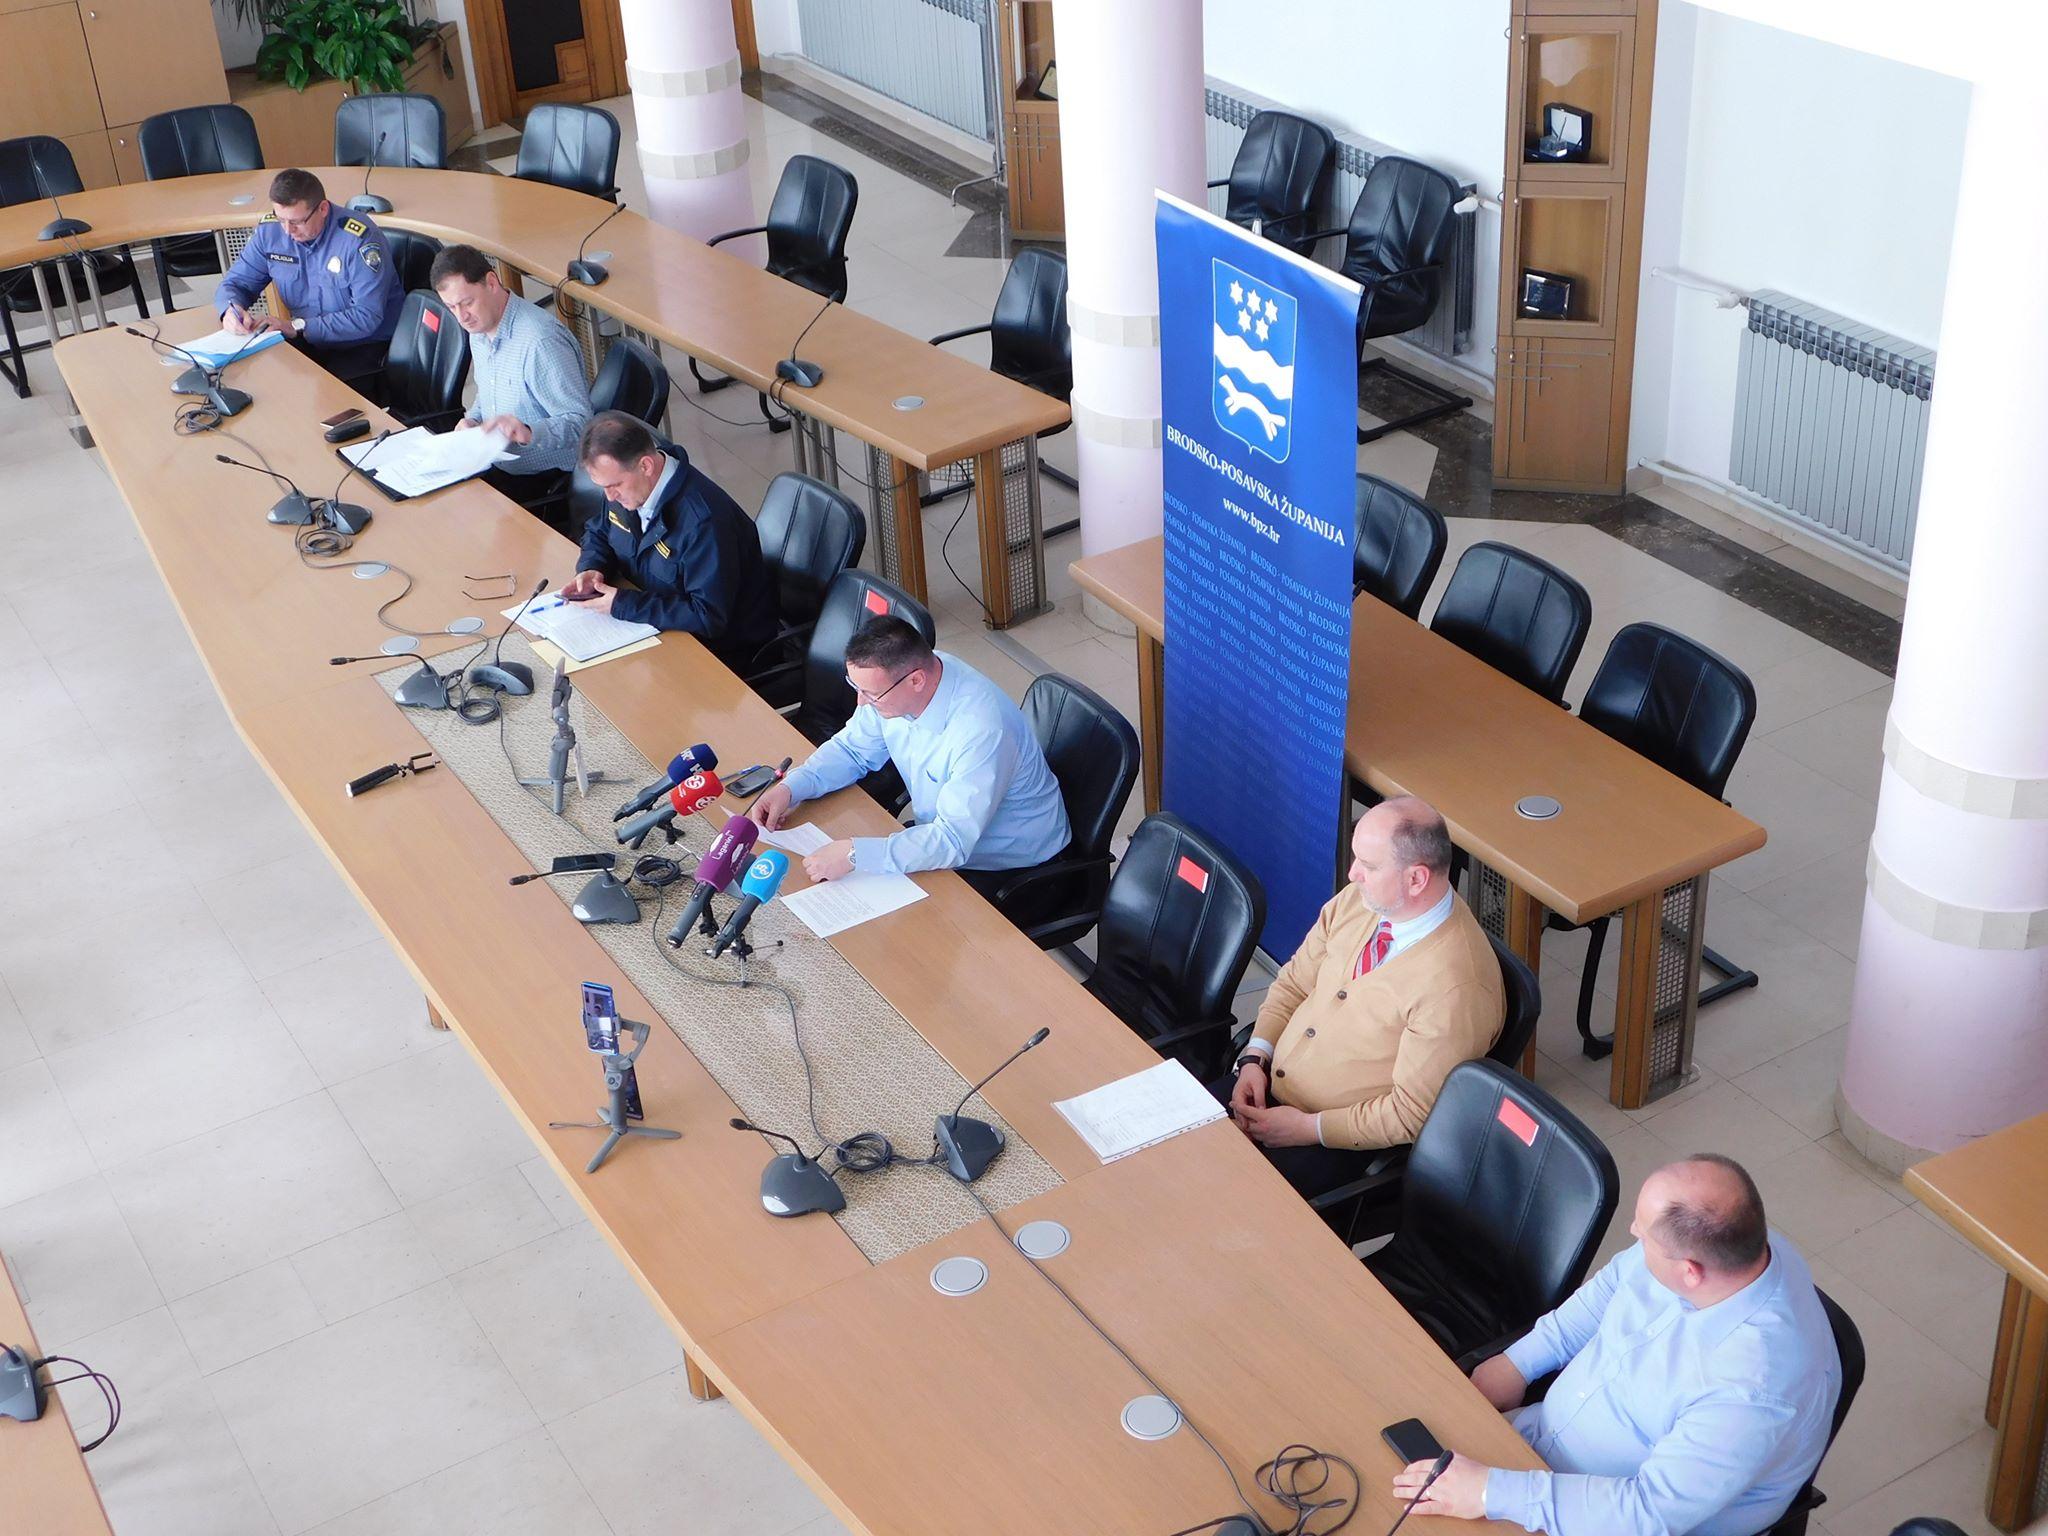 Nove odluke stožera, na svim društvenim i javnim okupljanjima može biti prisutno najviše 200 osoba...